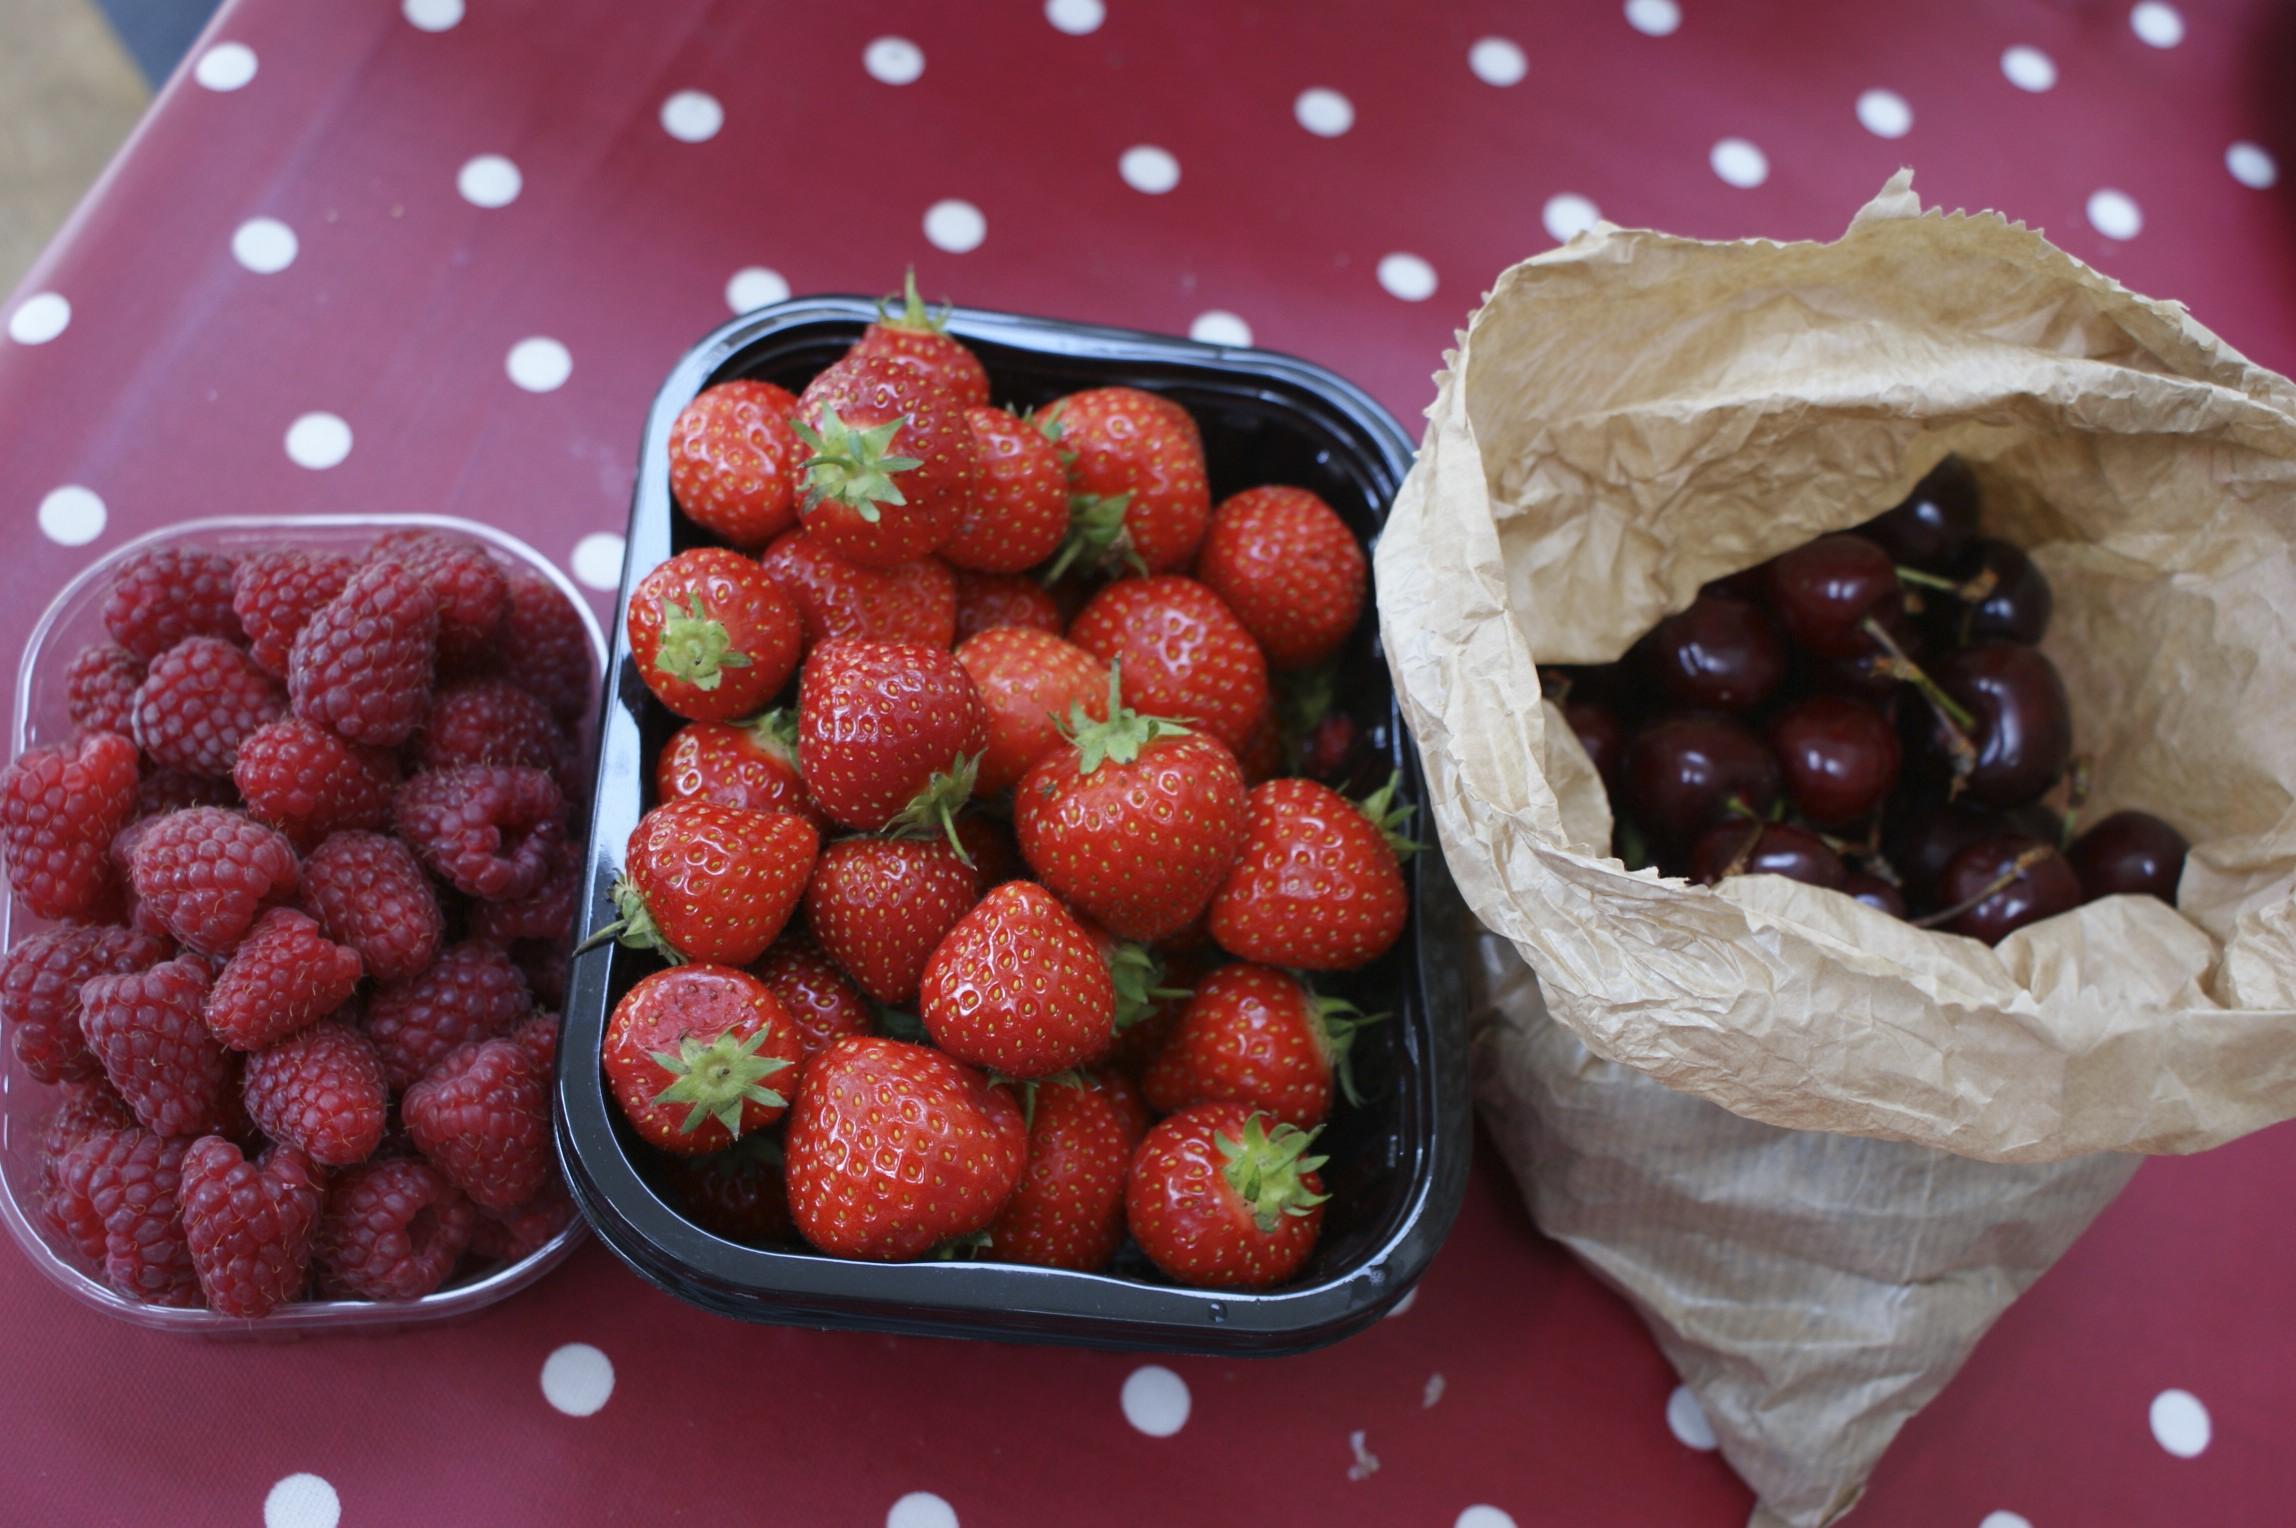 Raspberries, strawberries and cherries